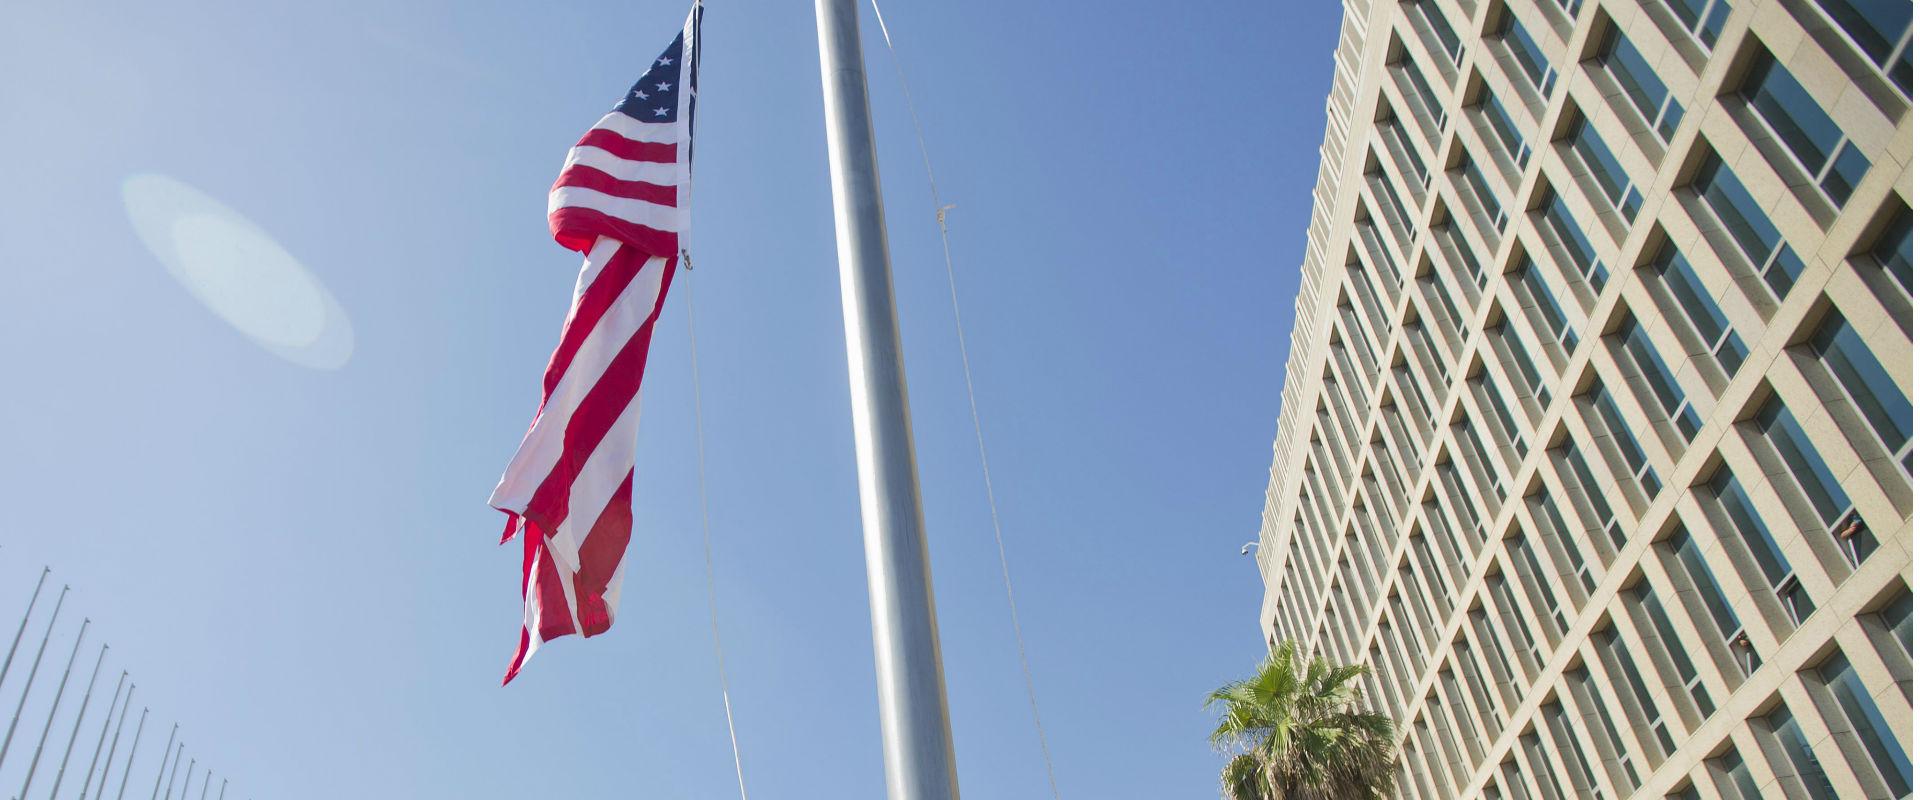 שגרירות ארצות הברית בקובה